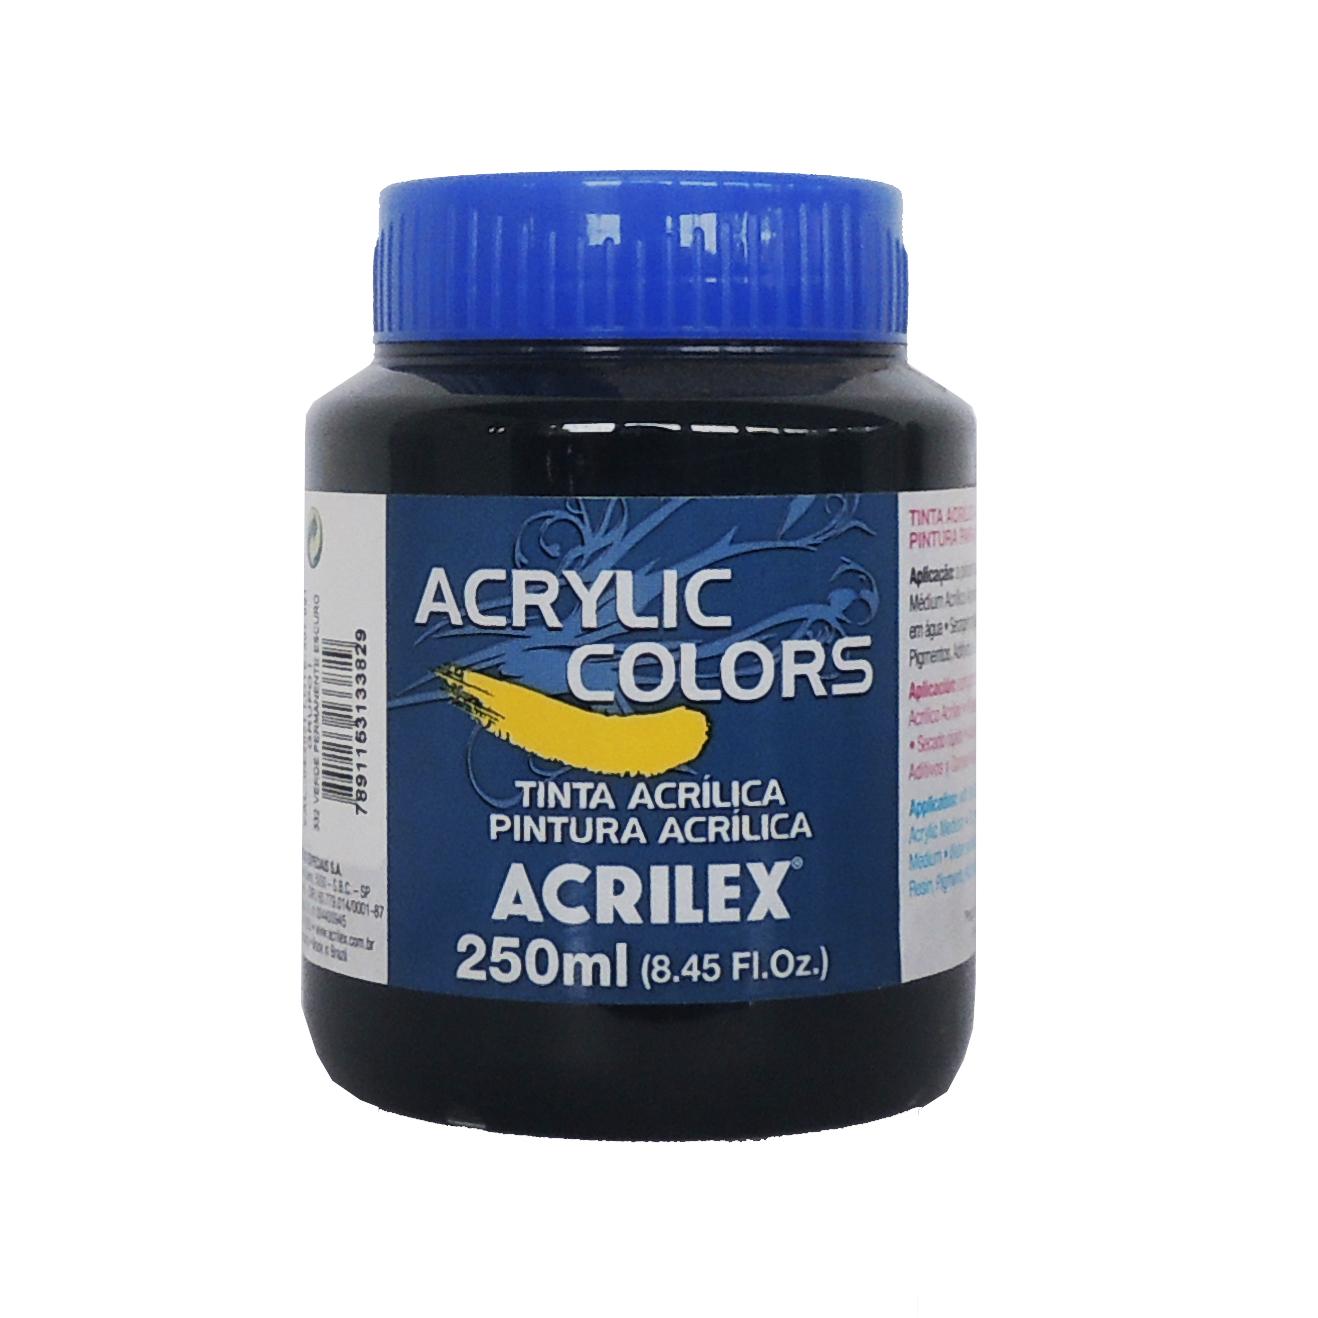 tinta-acrilica-acrilex-250ml-grupo-1-332-verde-permanente-escuro